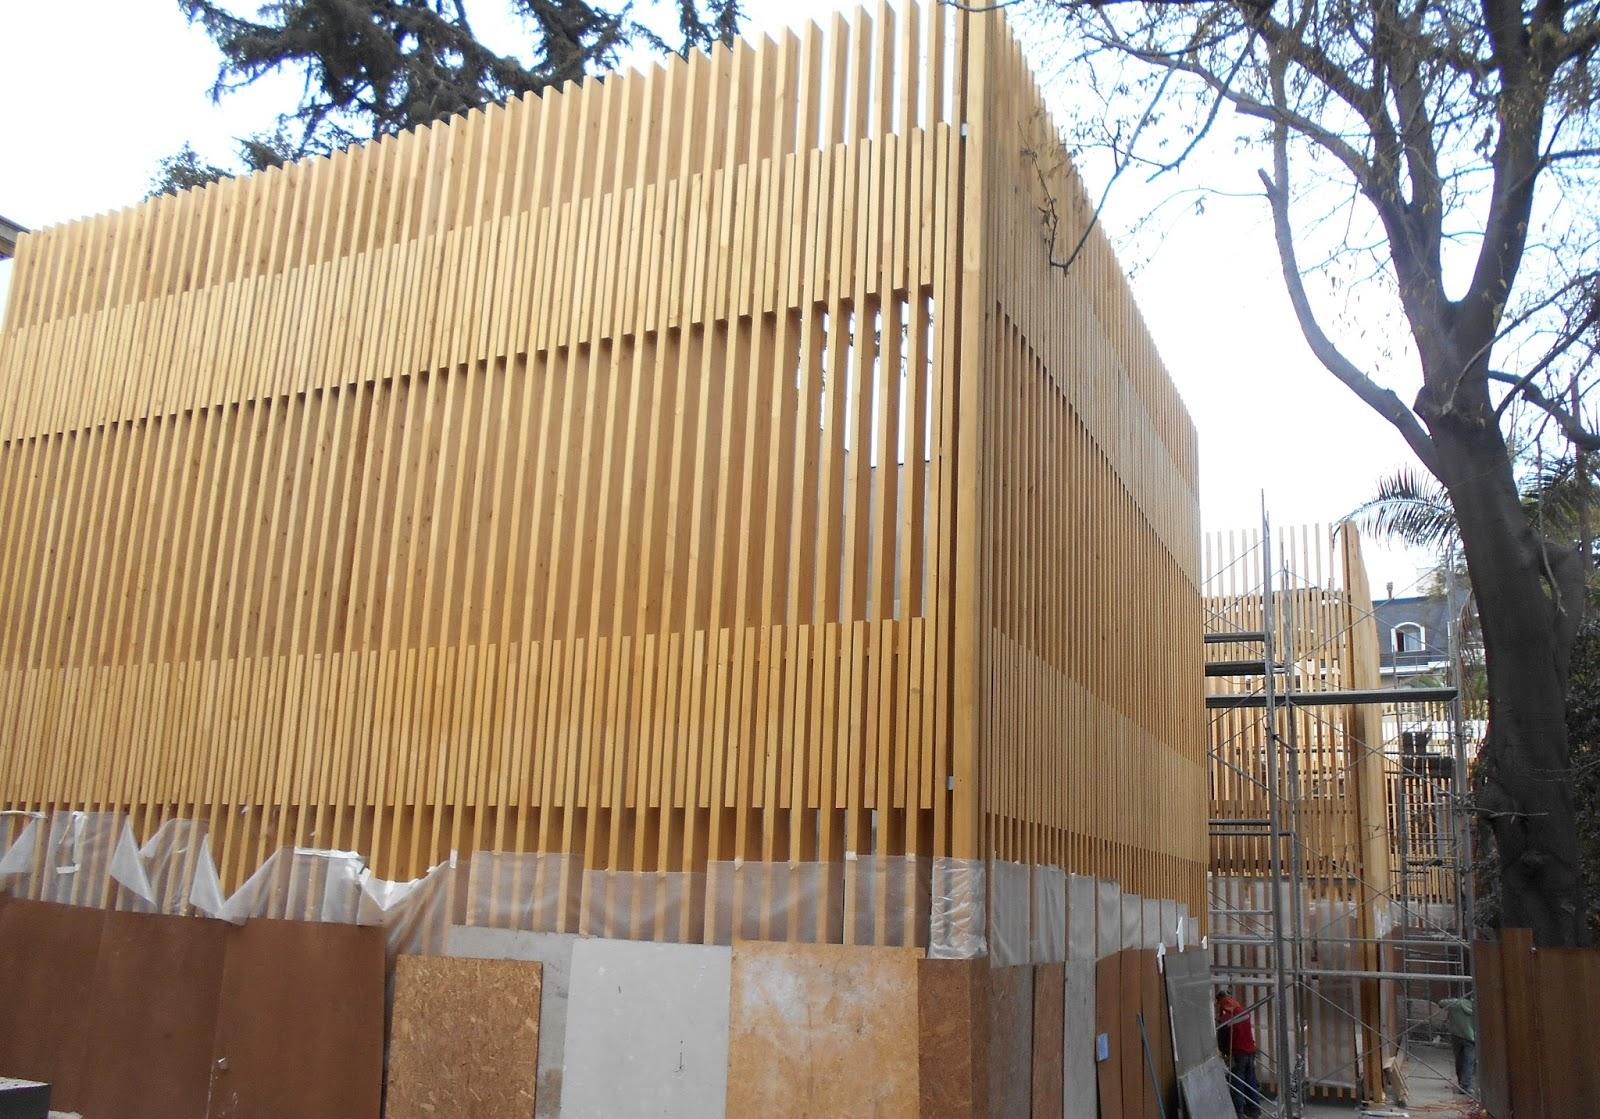 de las lamas de madera colocadas de exterior y est previsto que se termine la instalacin la prxima semana a falta de unos remates